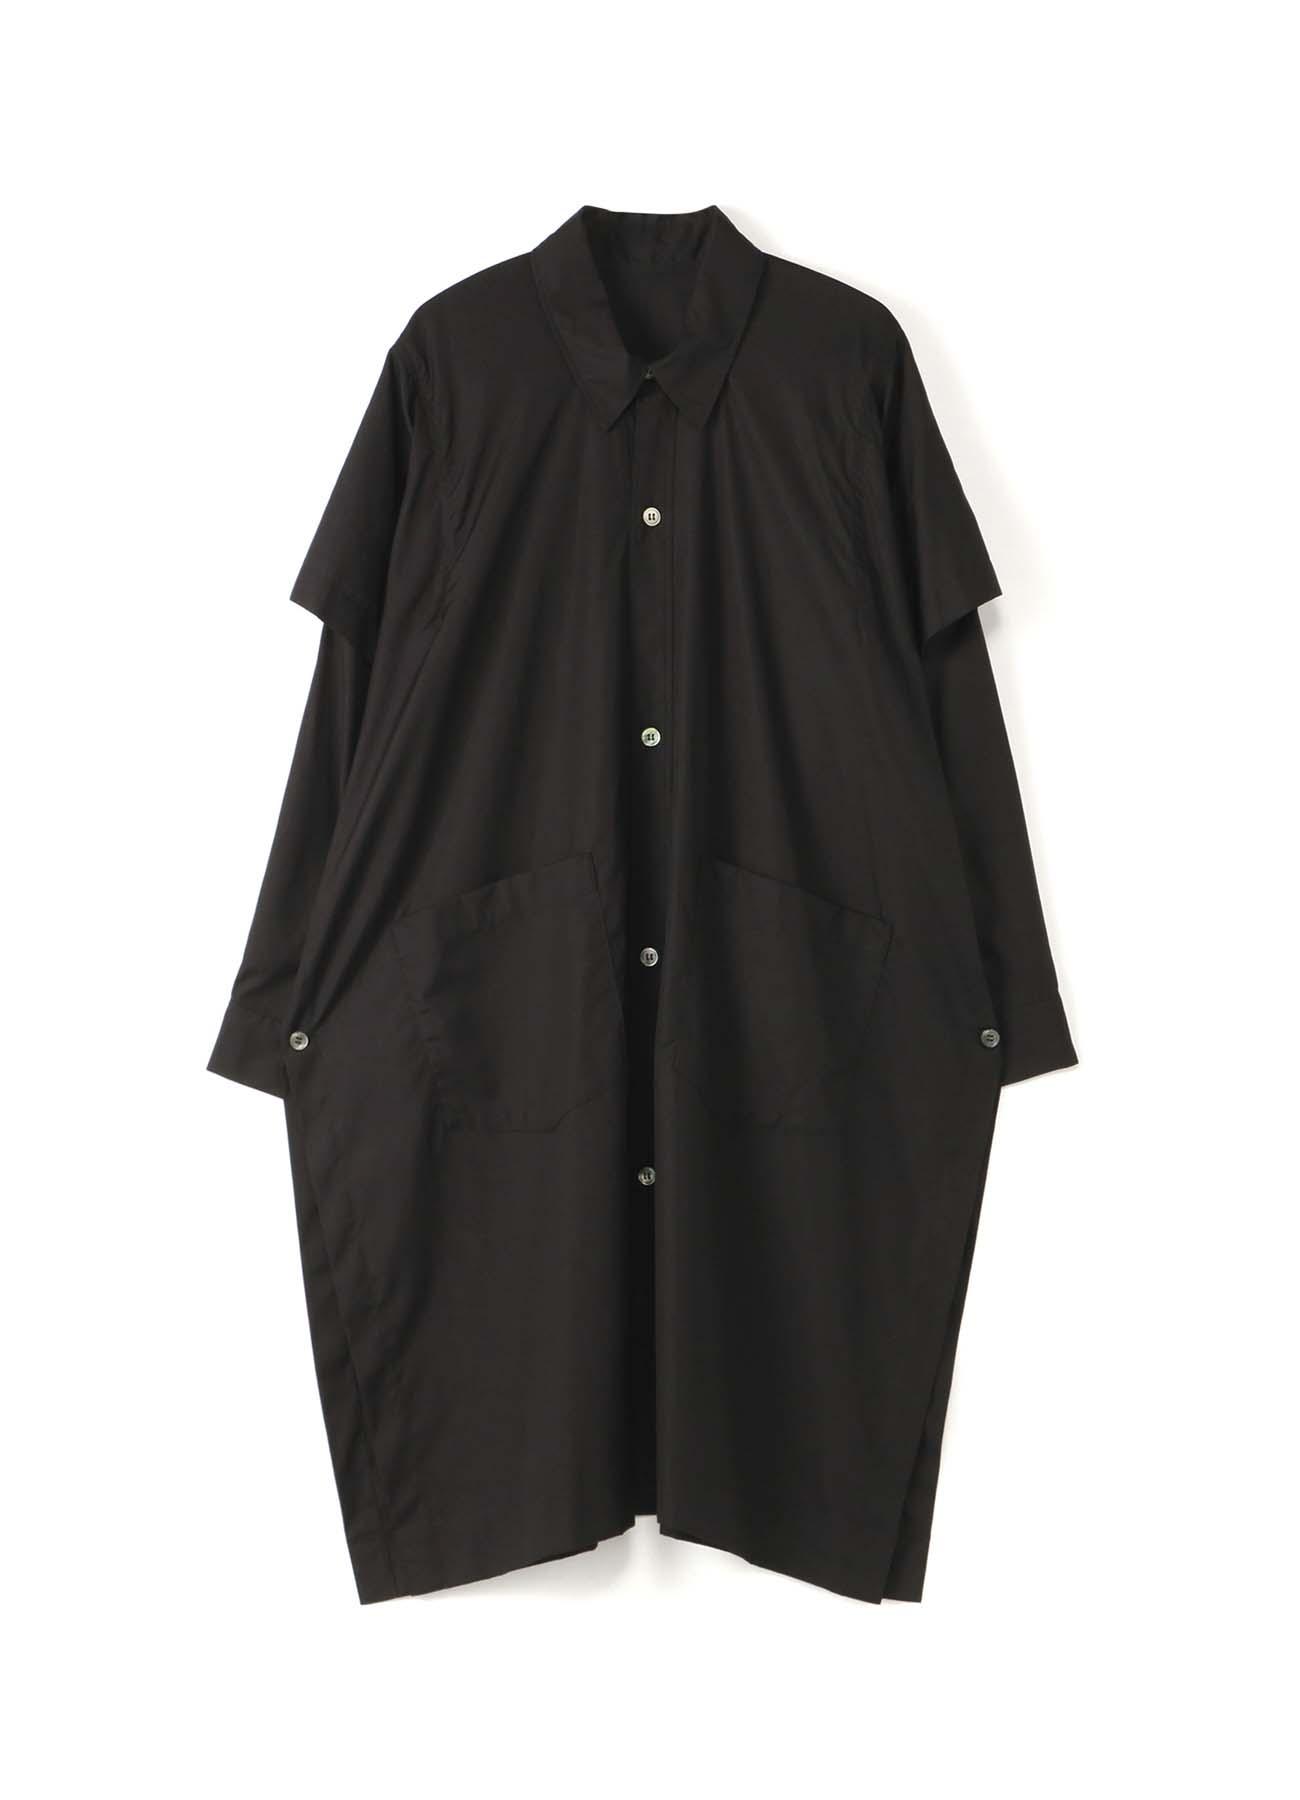 100/2 ブロードBスクエアロングシャツ・A